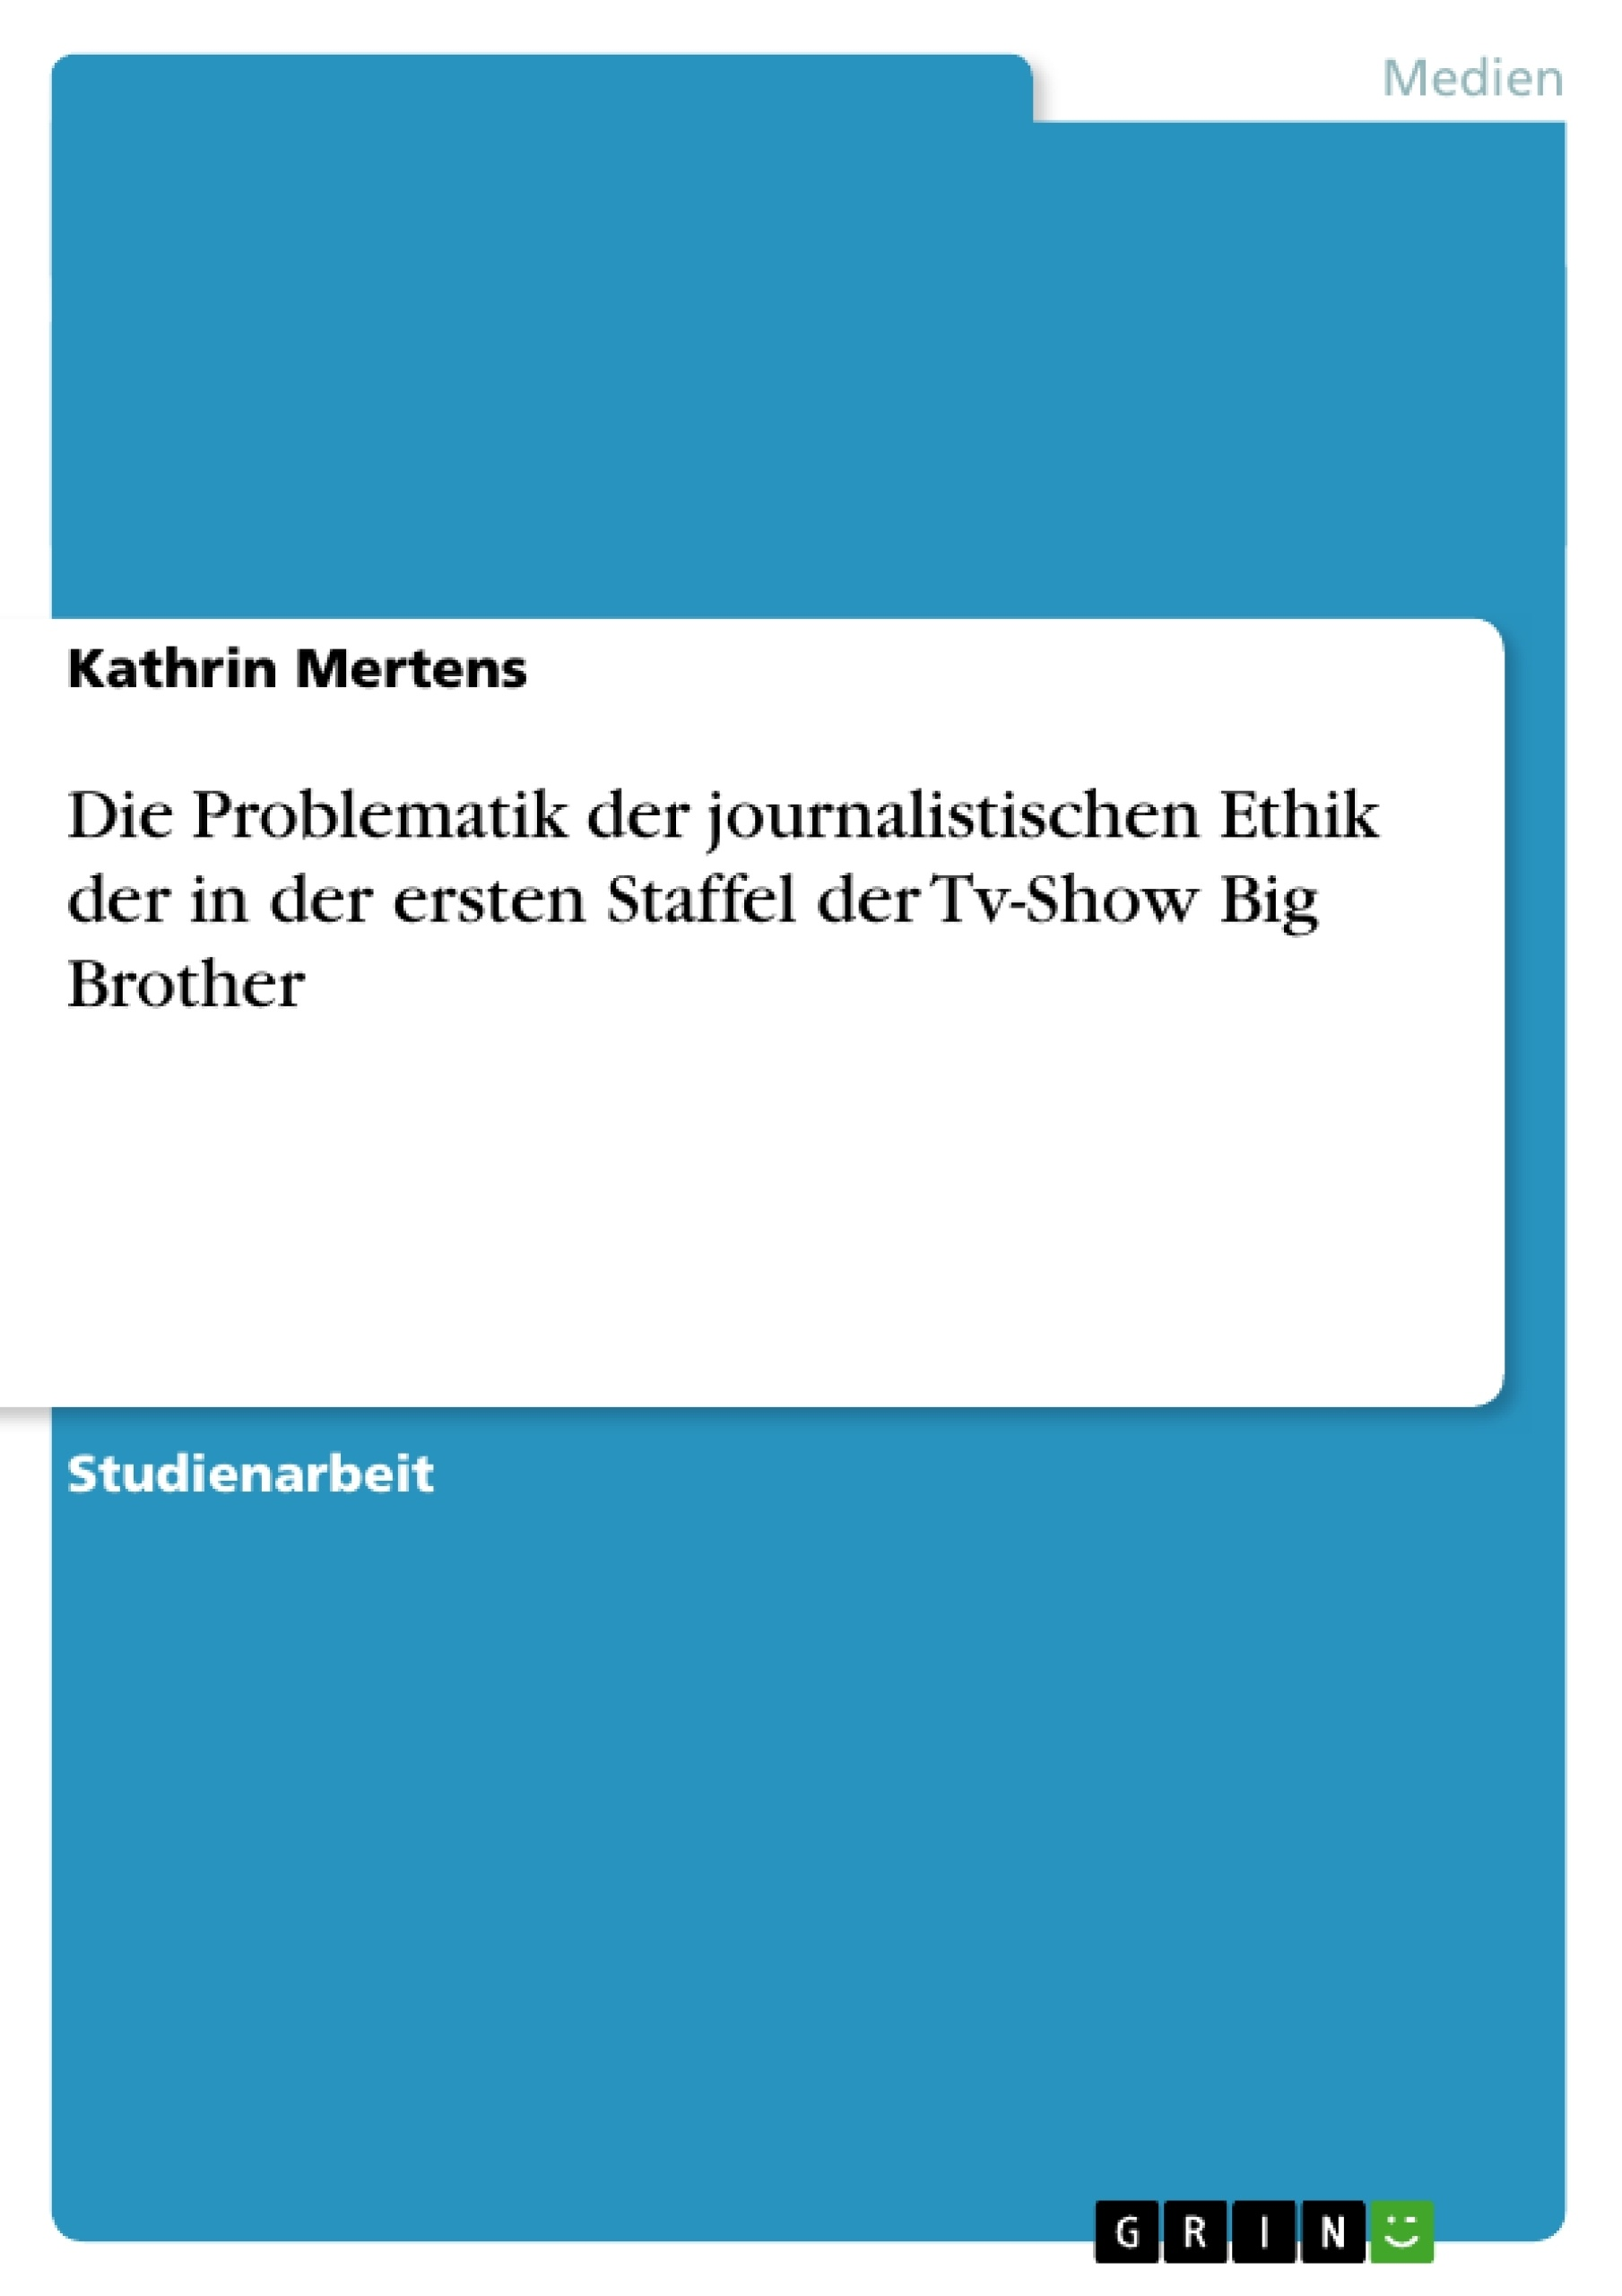 Titel: Die Problematik der journalistischen Ethik der in der ersten Staffel der Tv-Show Big Brother